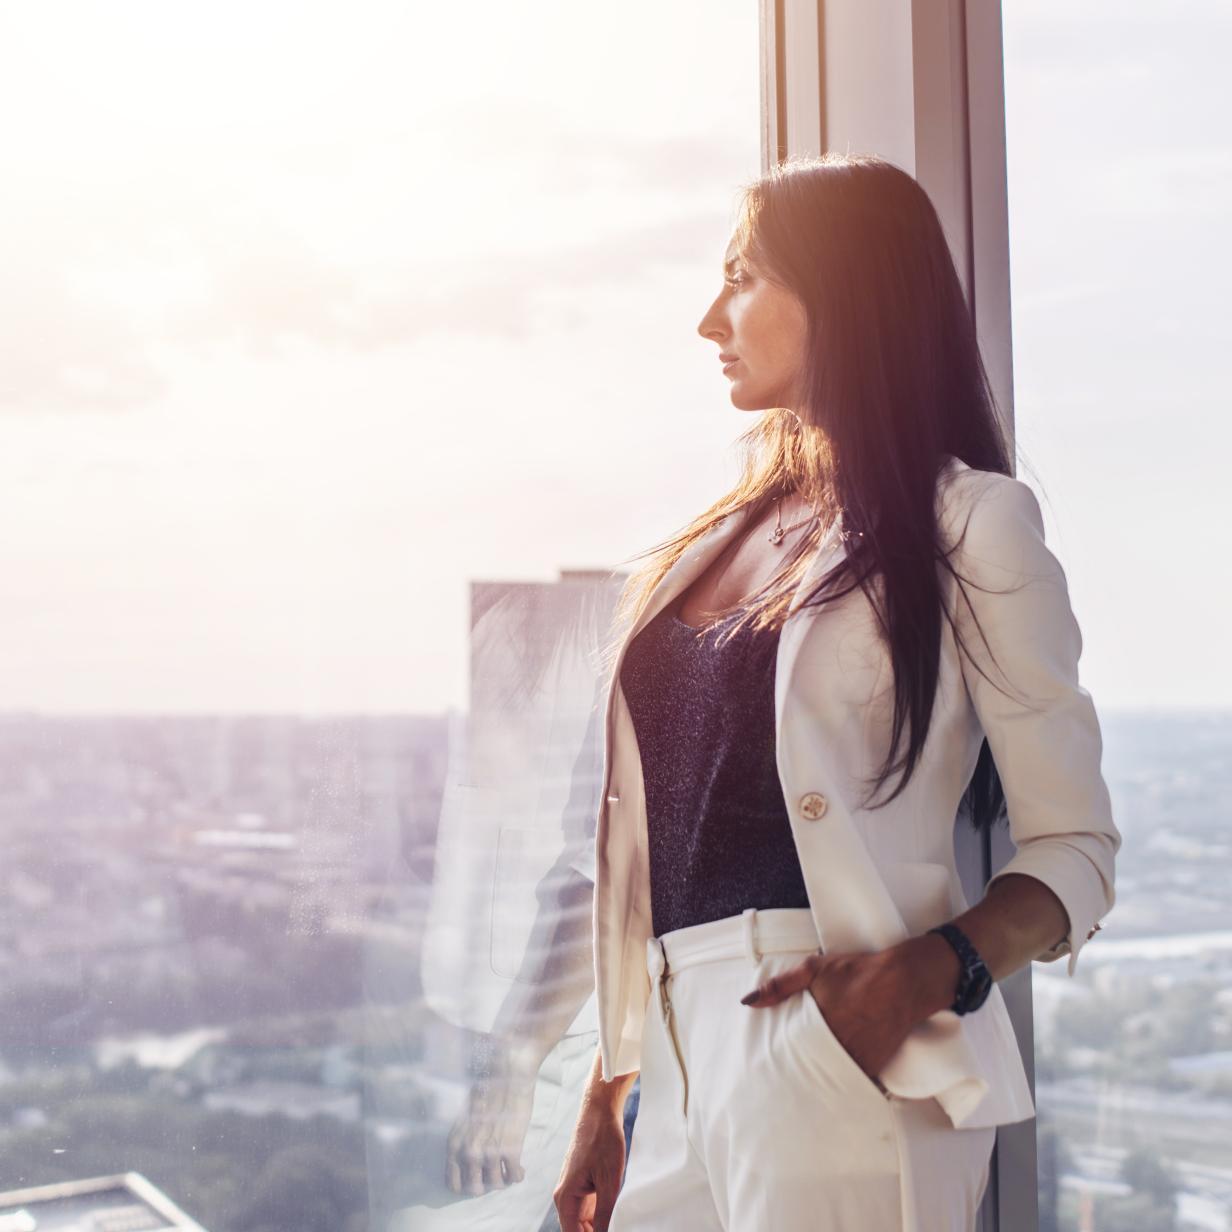 Frauen verdienen in Top-Jobs in Staatsbetrieben weniger als Männer